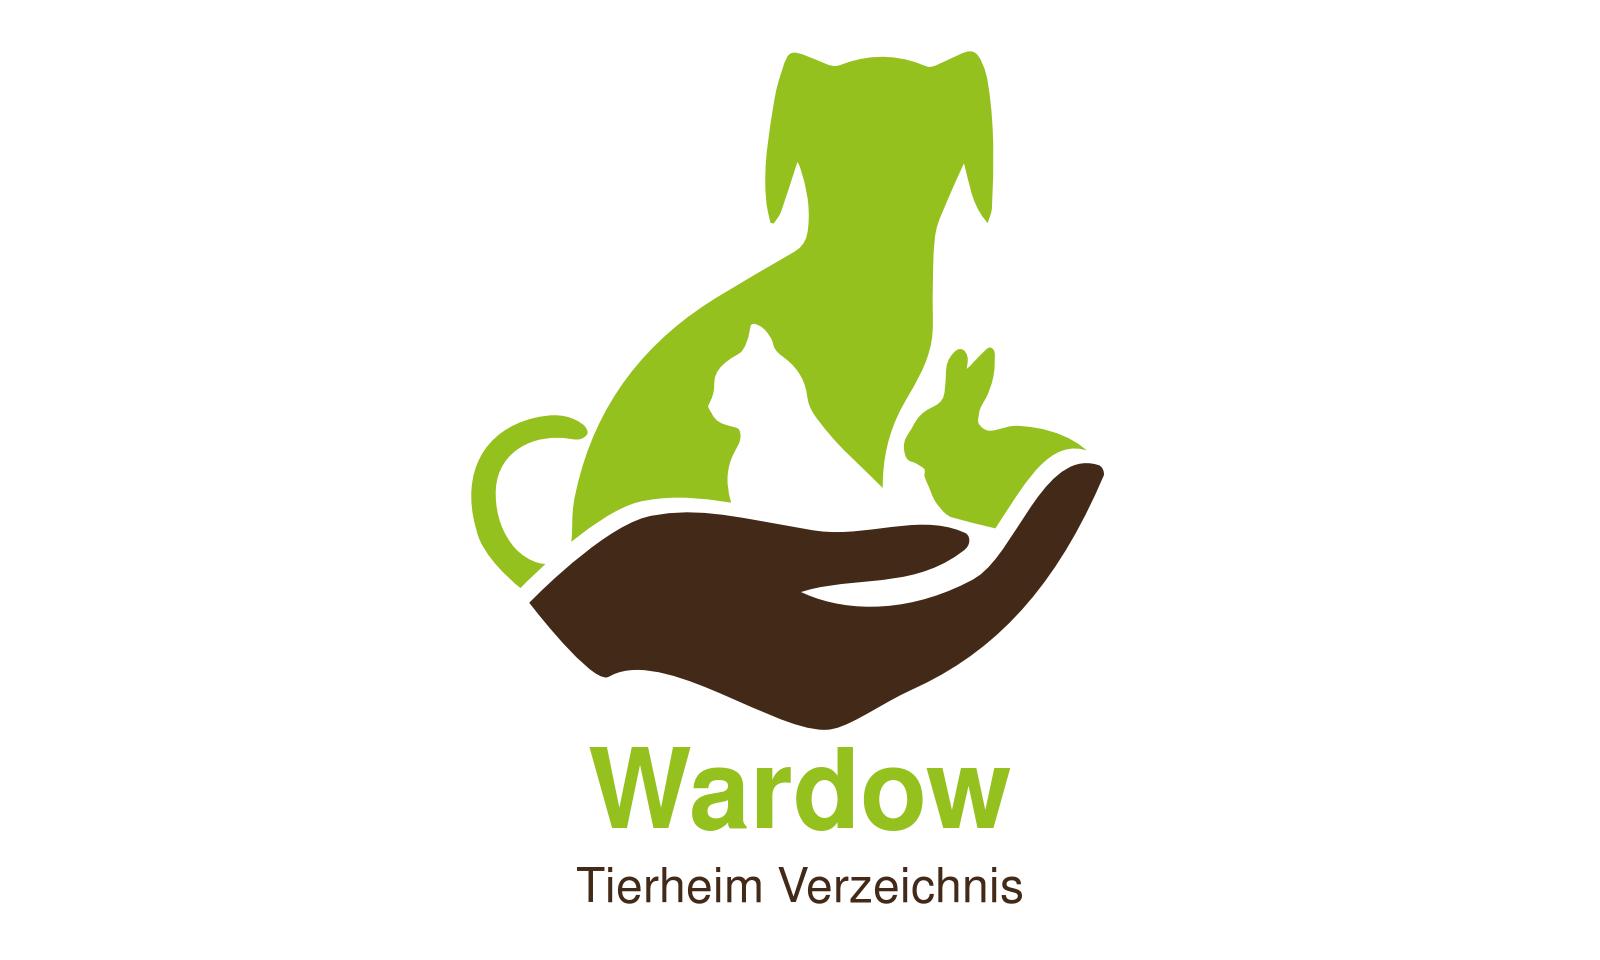 Tierheim Wardow